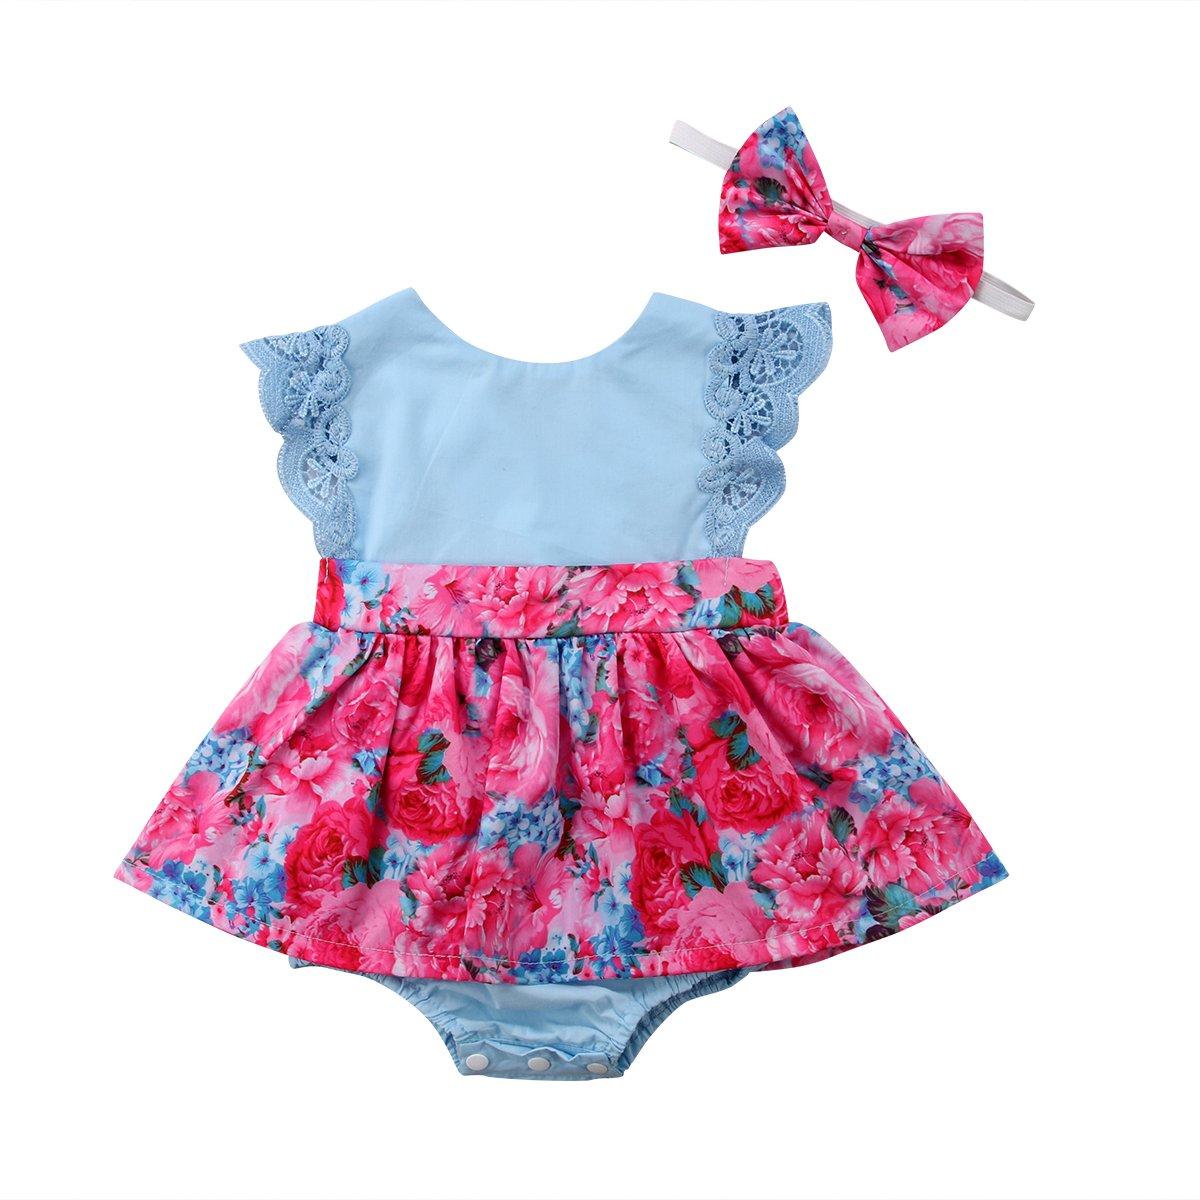 特価 Ma&Baby SHIRT ベビーガールズ Dress B07D7VCPLD Little - Sister Dress 6 - Months|Little 12 Months 6 - 12 Months|Little Sister Dress, パドルクラブ:a90d98fa --- martinemoeykens-com.access.secure-ssl-servers.info